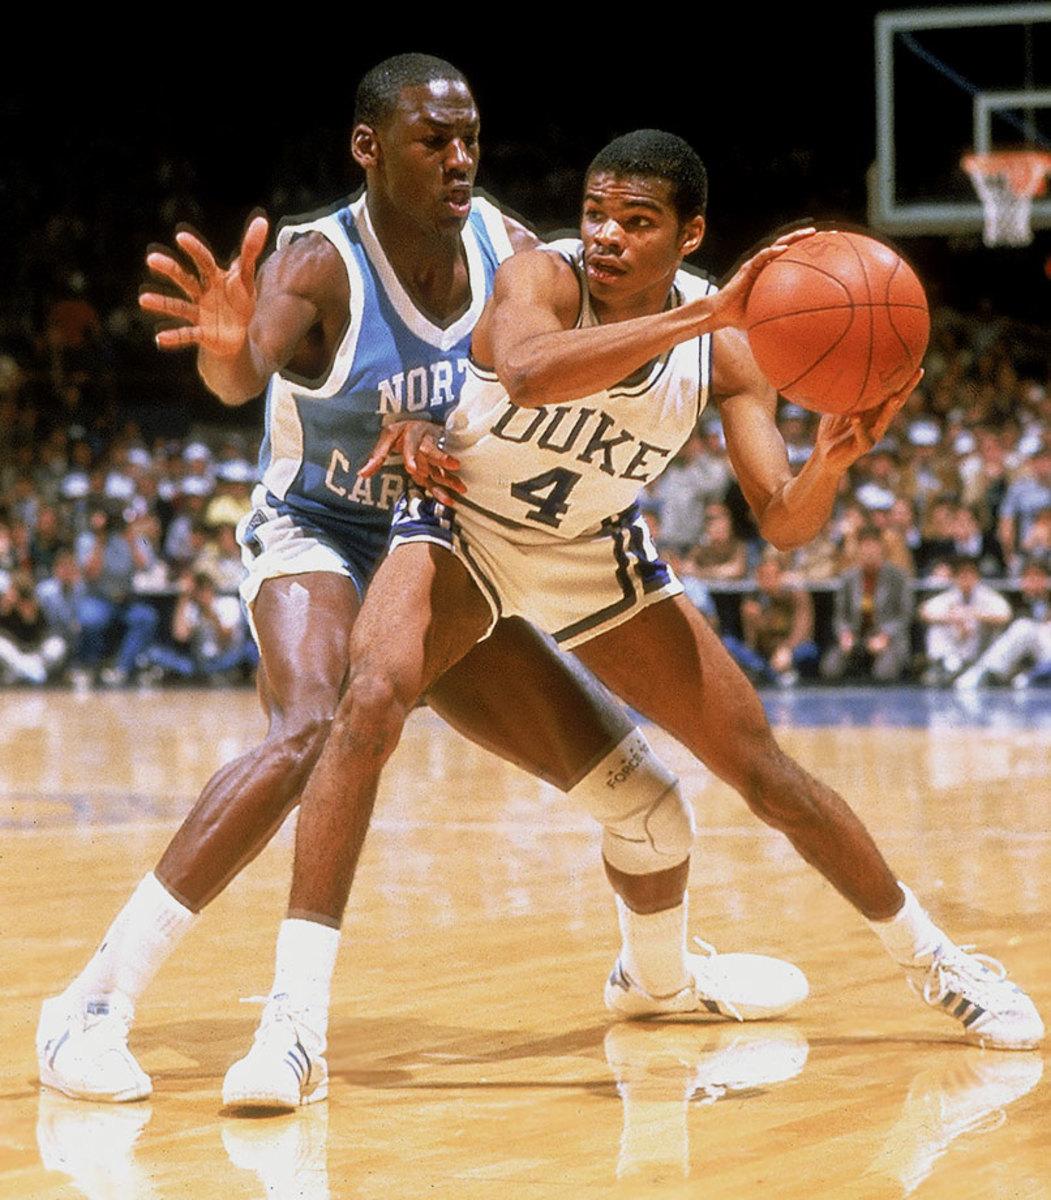 1983-0122-Michael-Jordan-Tommy-Amaker-017026786.jpg